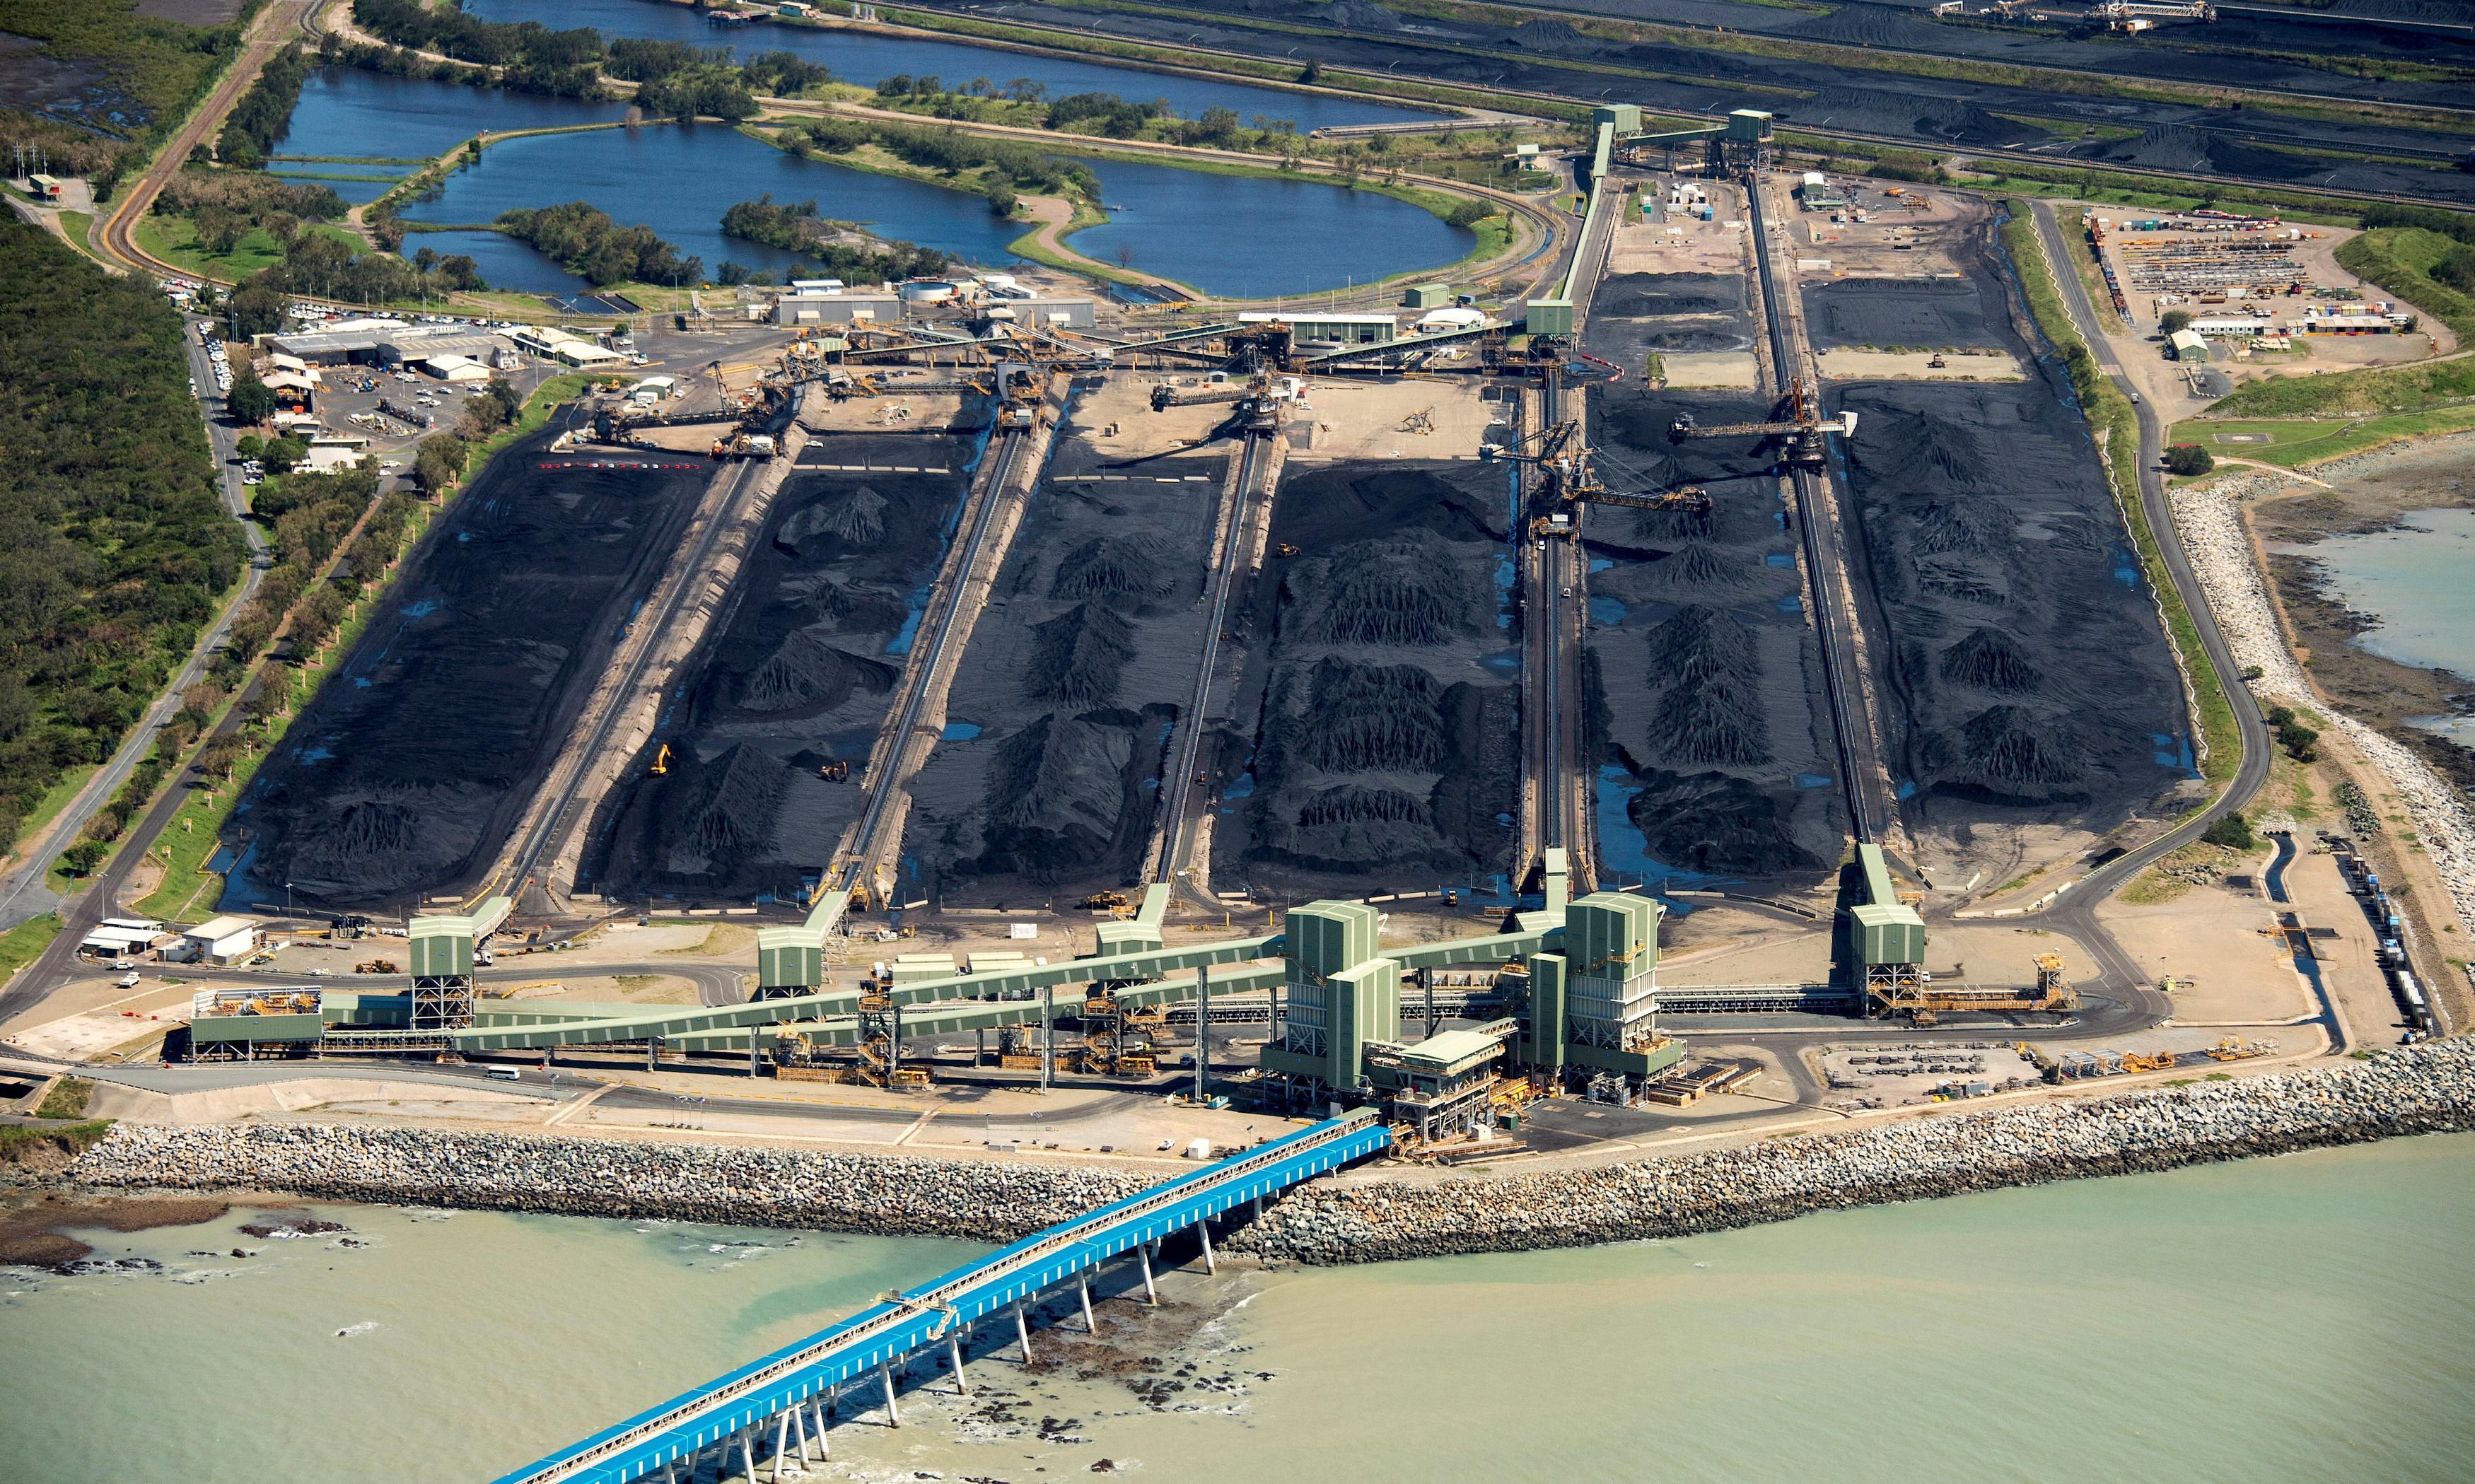 Sweden's central bank dumps Australian bonds over high emissions